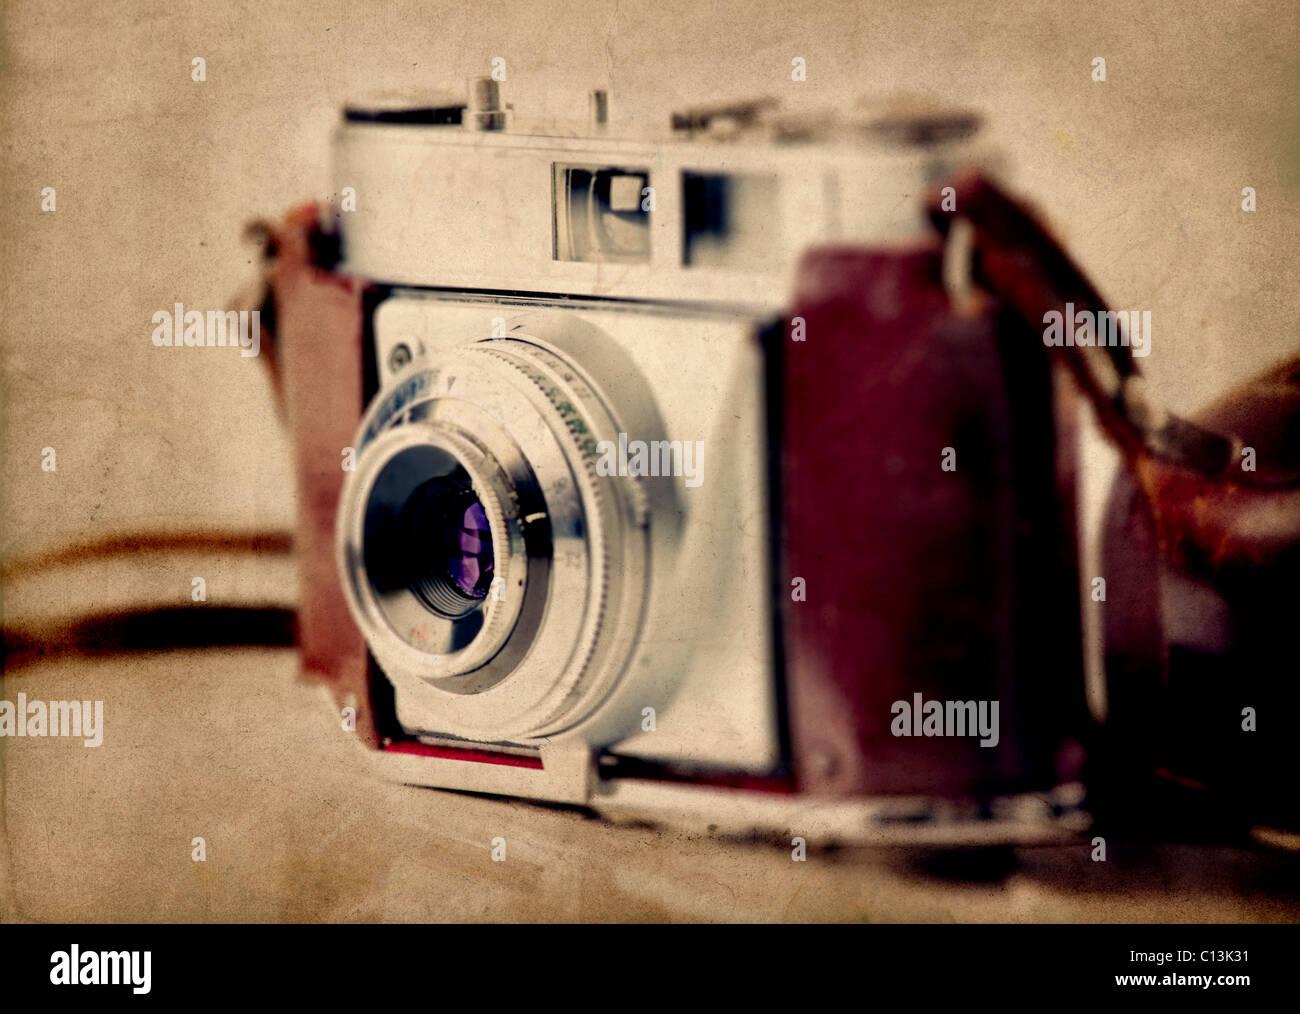 Appareil photo photographie ancienne isolé sur fond blanc Photo Stock